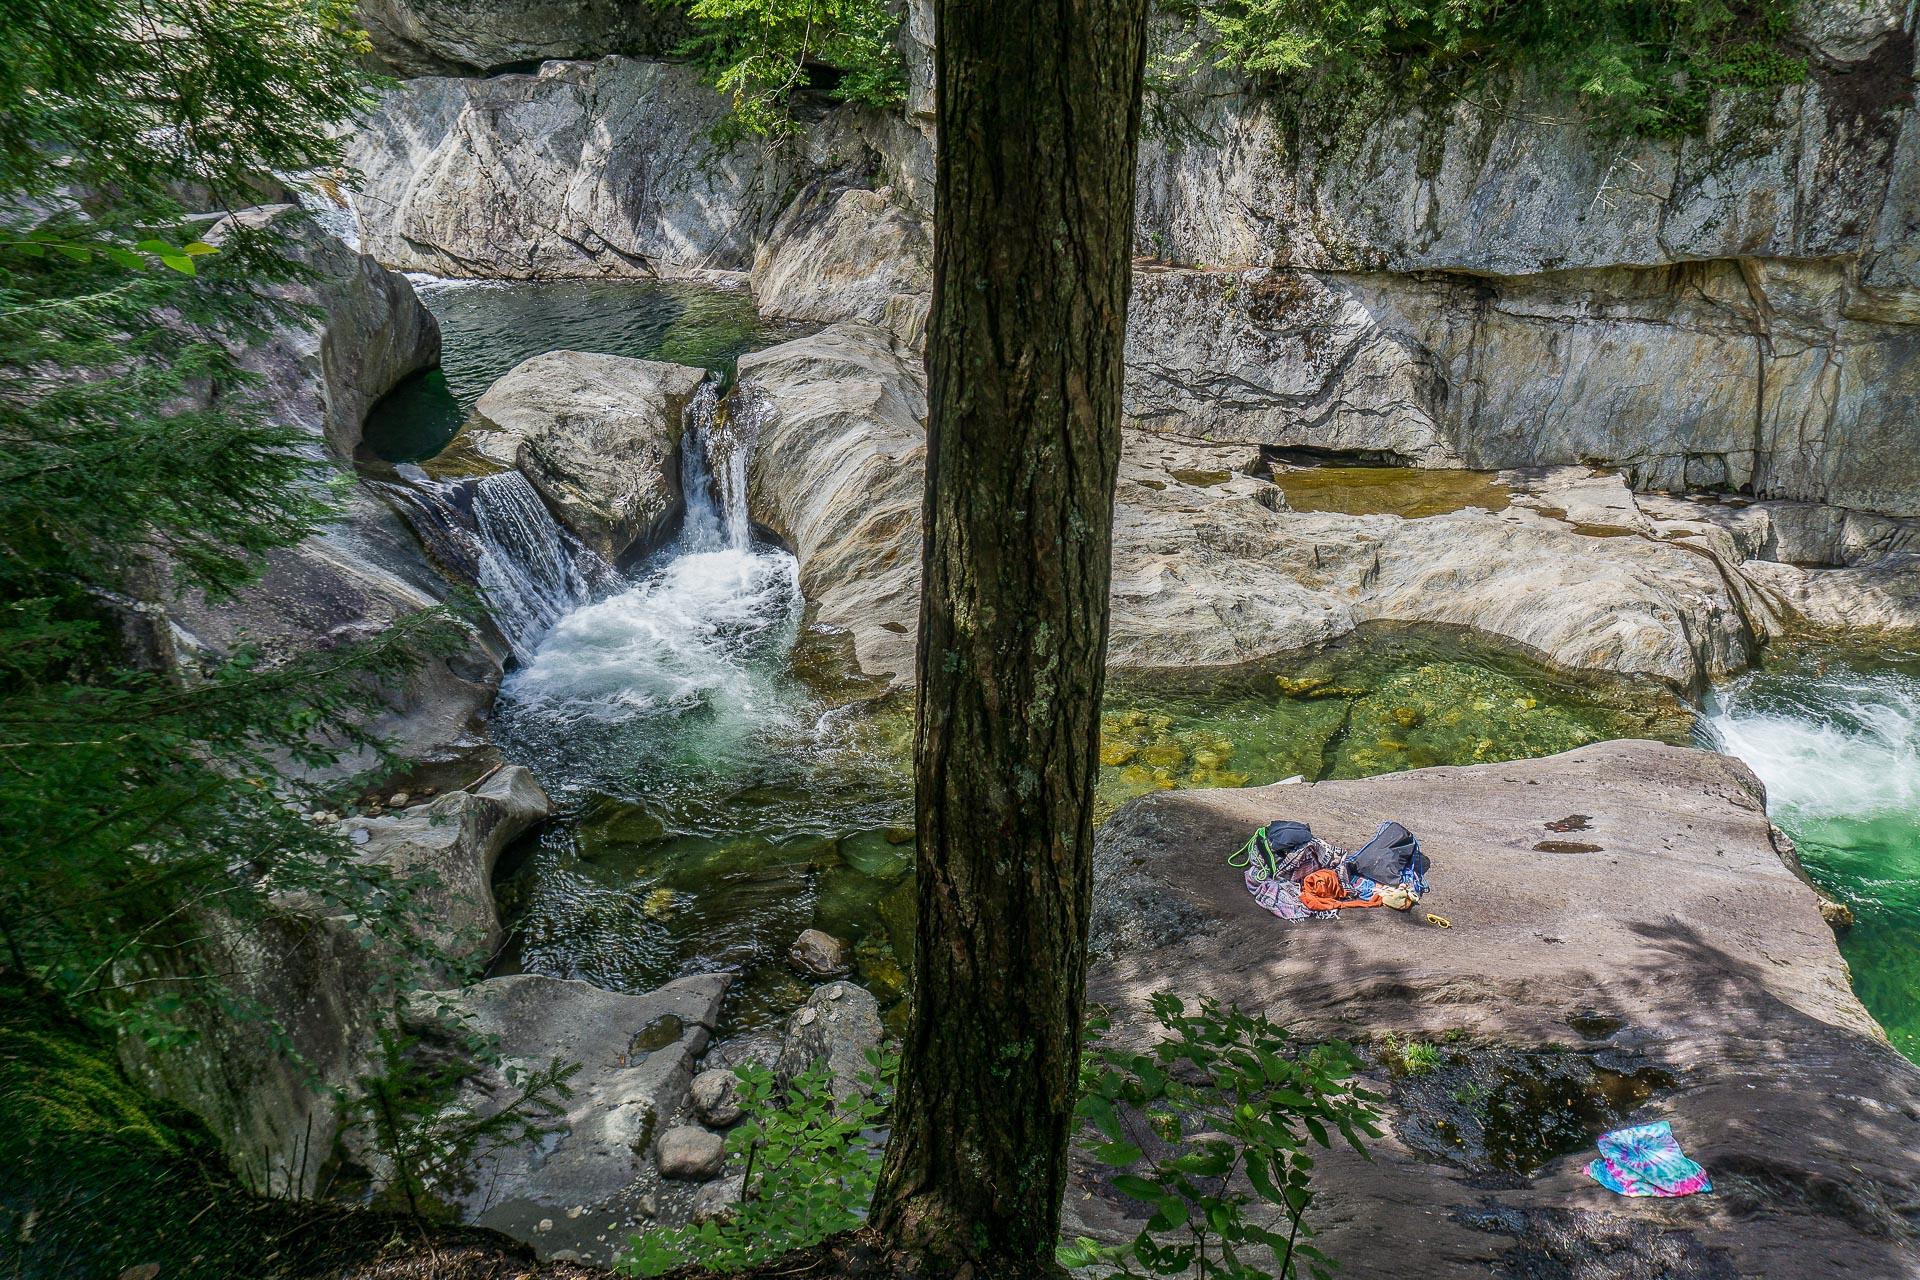 Dimanche 23 avril: Les Warren Falls, un trou d'eau fraîche dans le Vermont